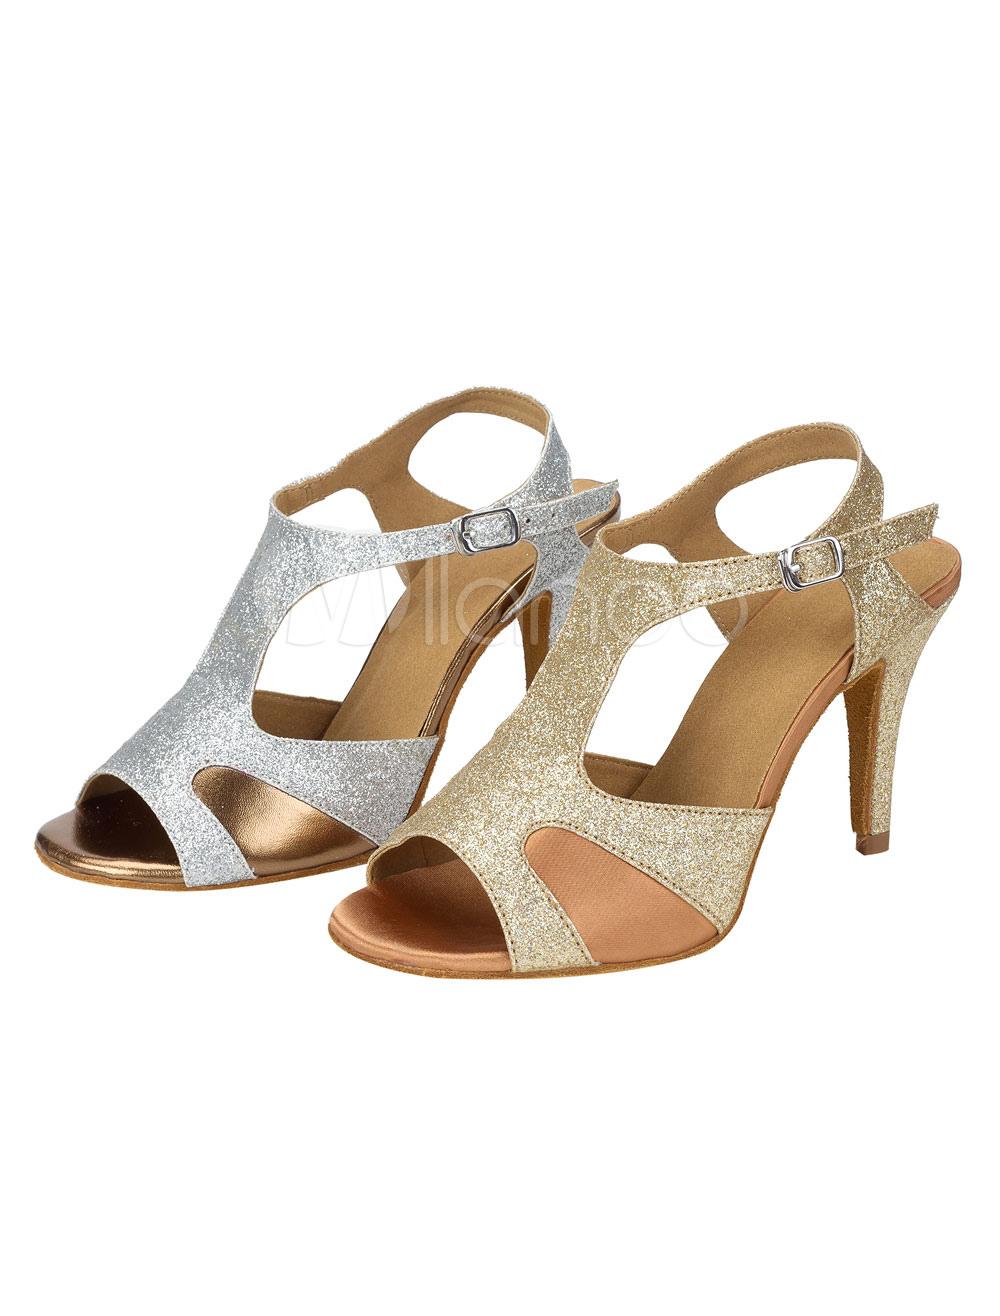 Zapatos de bailes latinos Tela-brillantes de tacón de stiletto para baile de punter Peep Toe hO538E5nUD